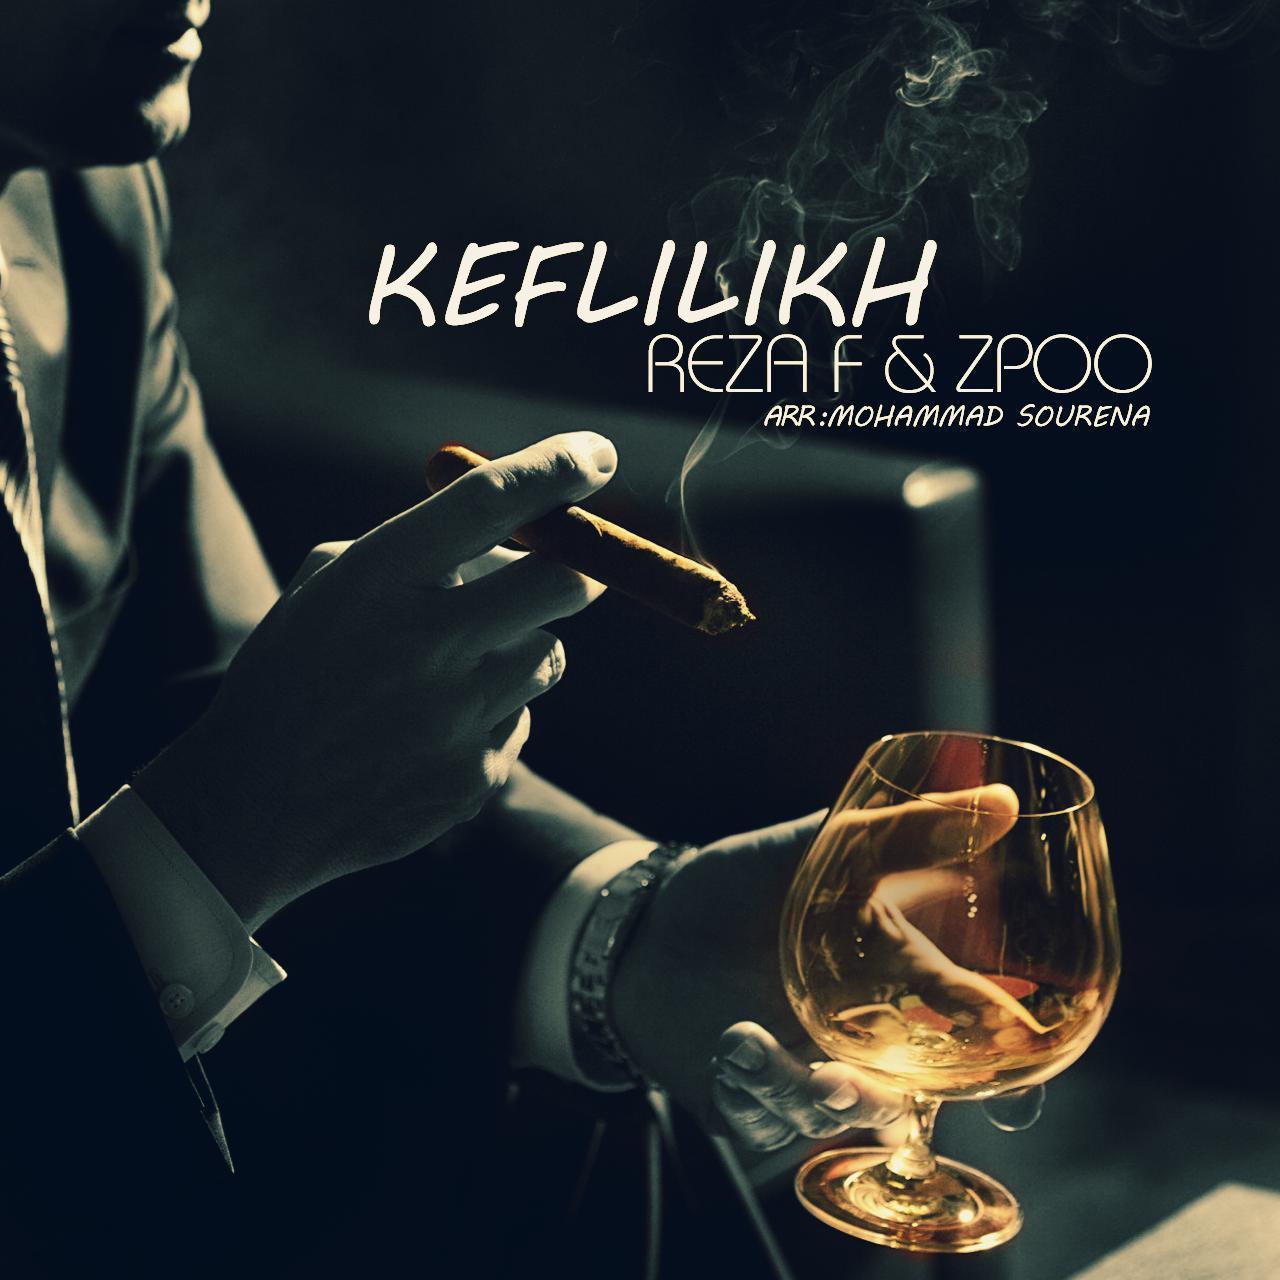 http://s8.picofile.com/file/8340086934/13Reza_F_Mohammad_ZPOO_Keflilikh.jpg